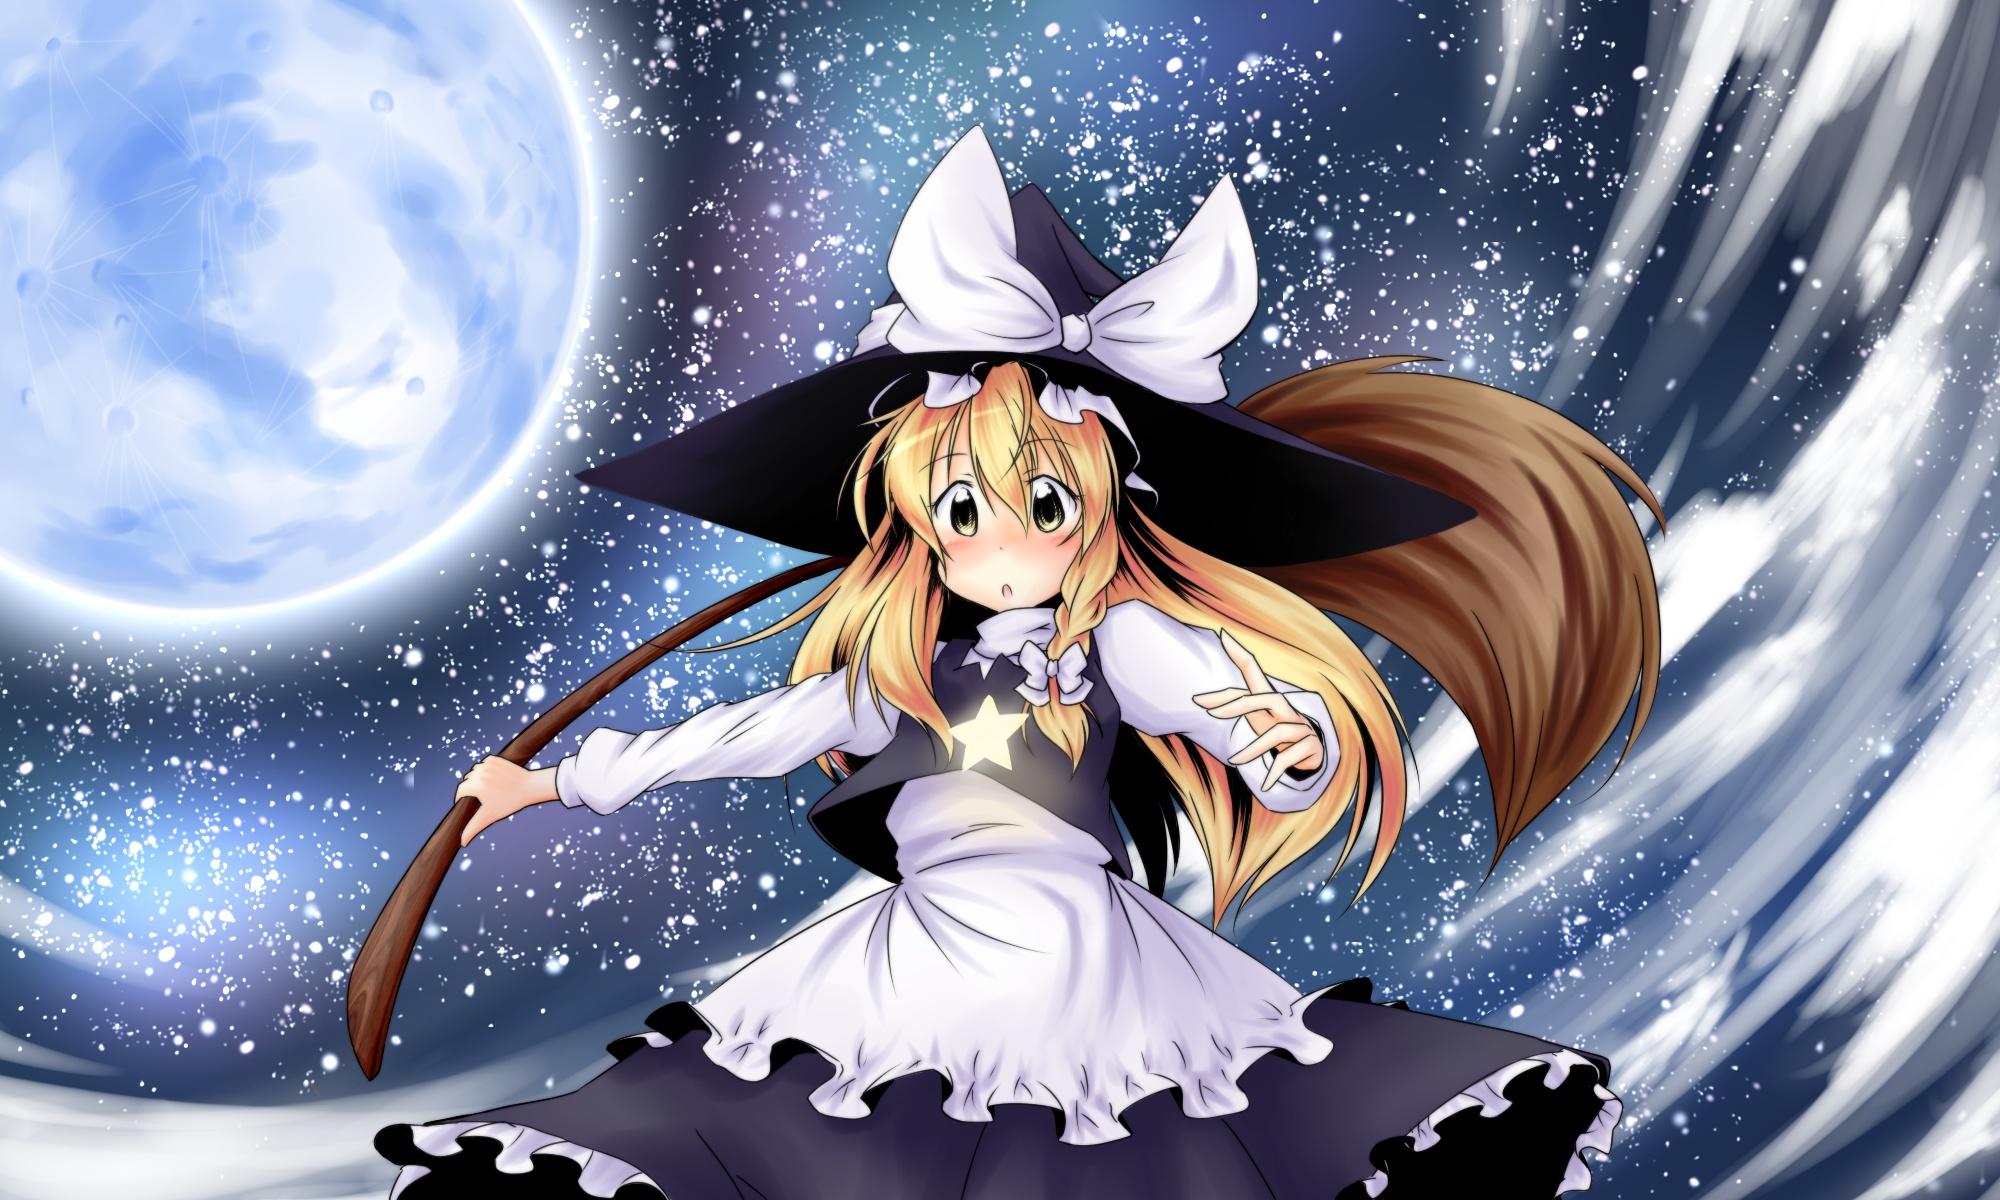 kirisame_marisa moon night touhou witch